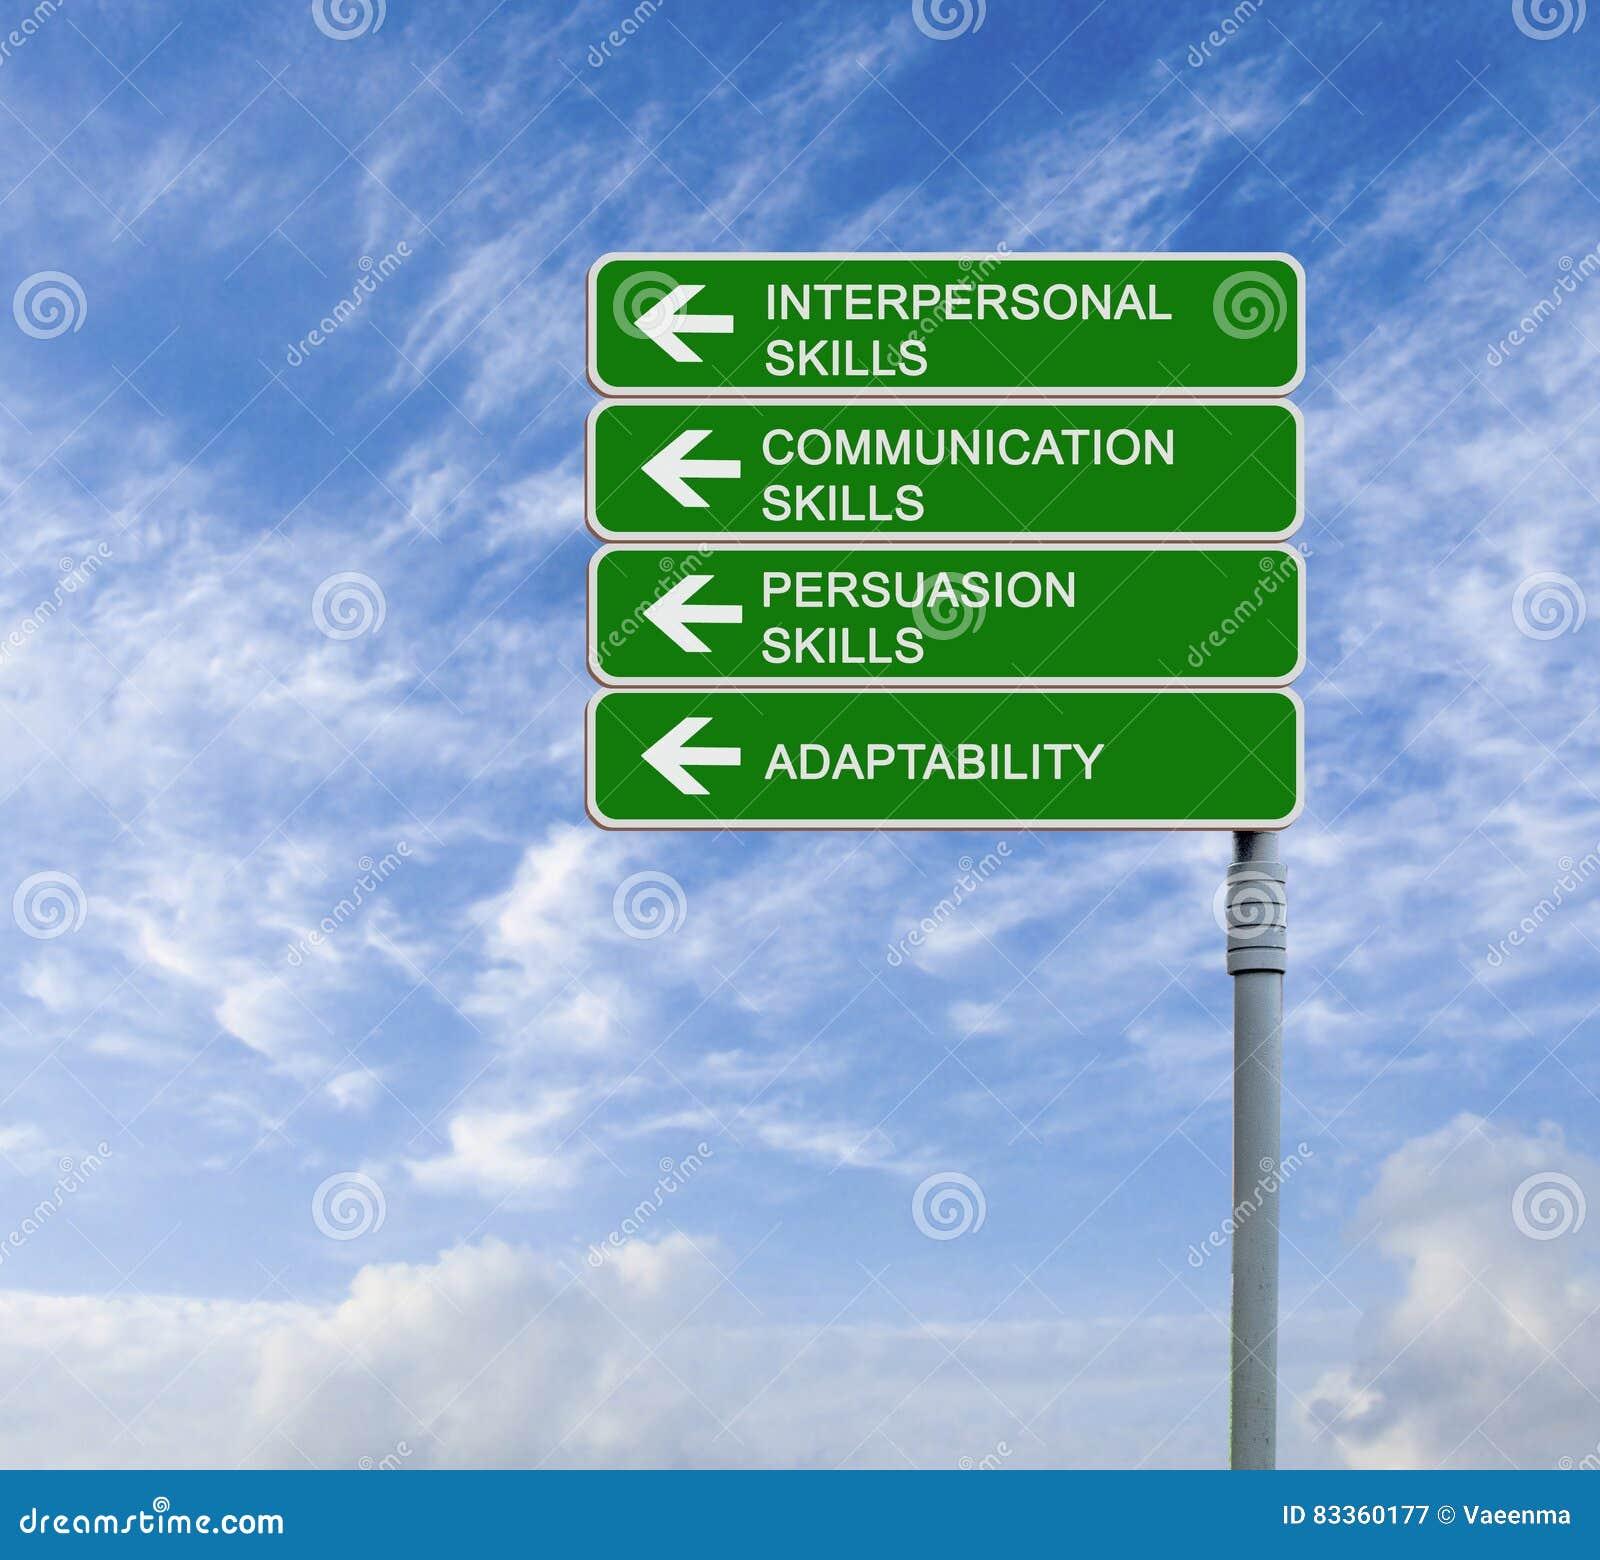 Habilidad interpersonal